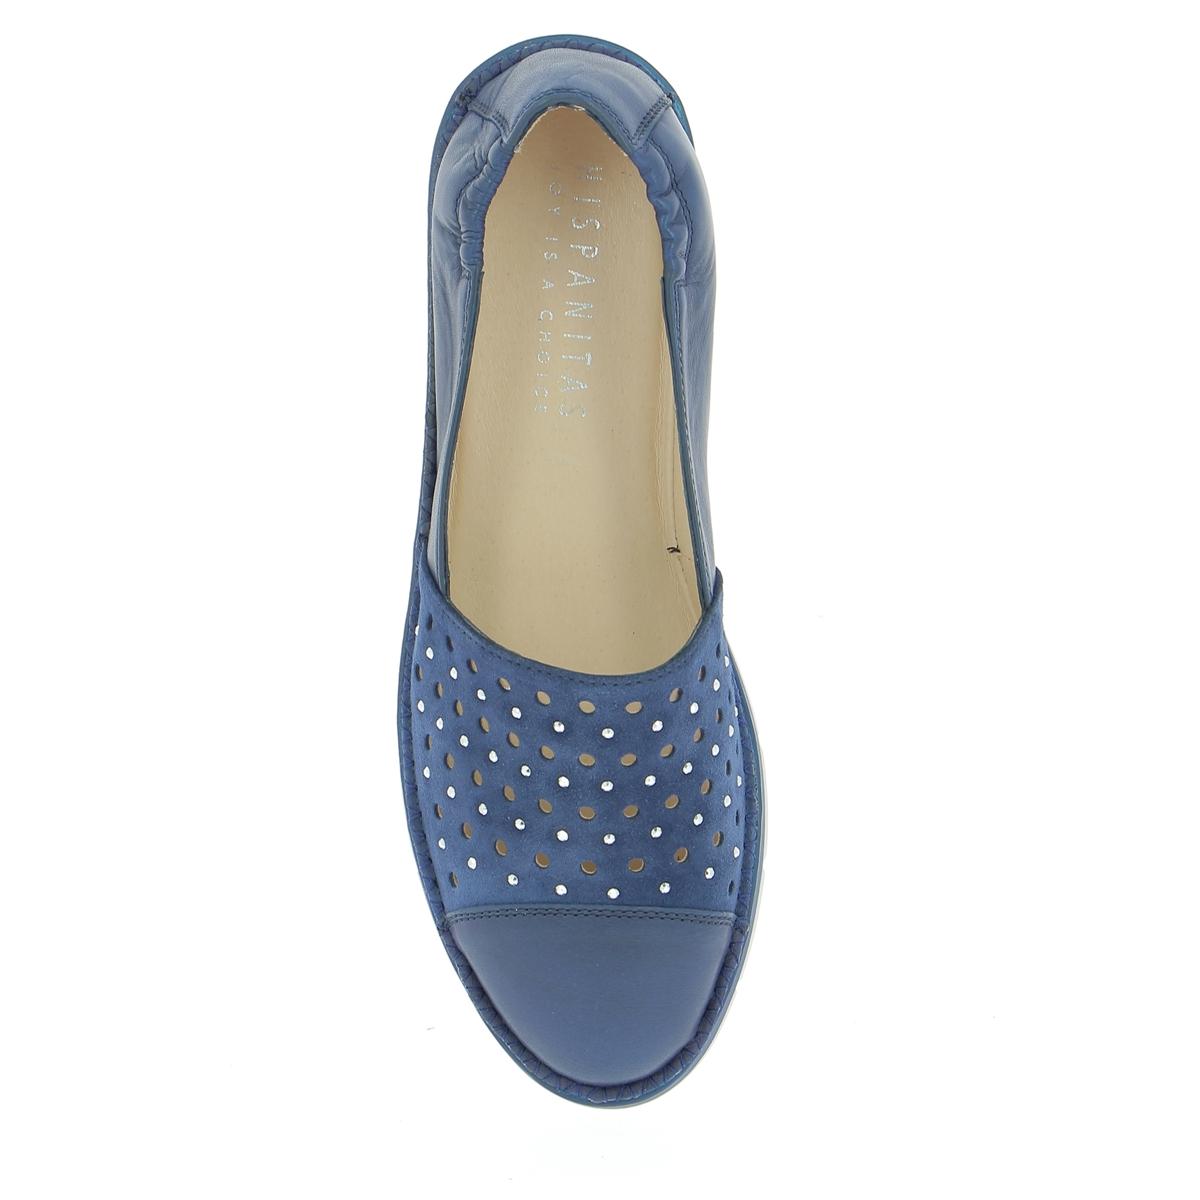 Hispanitas Ballerines bleu